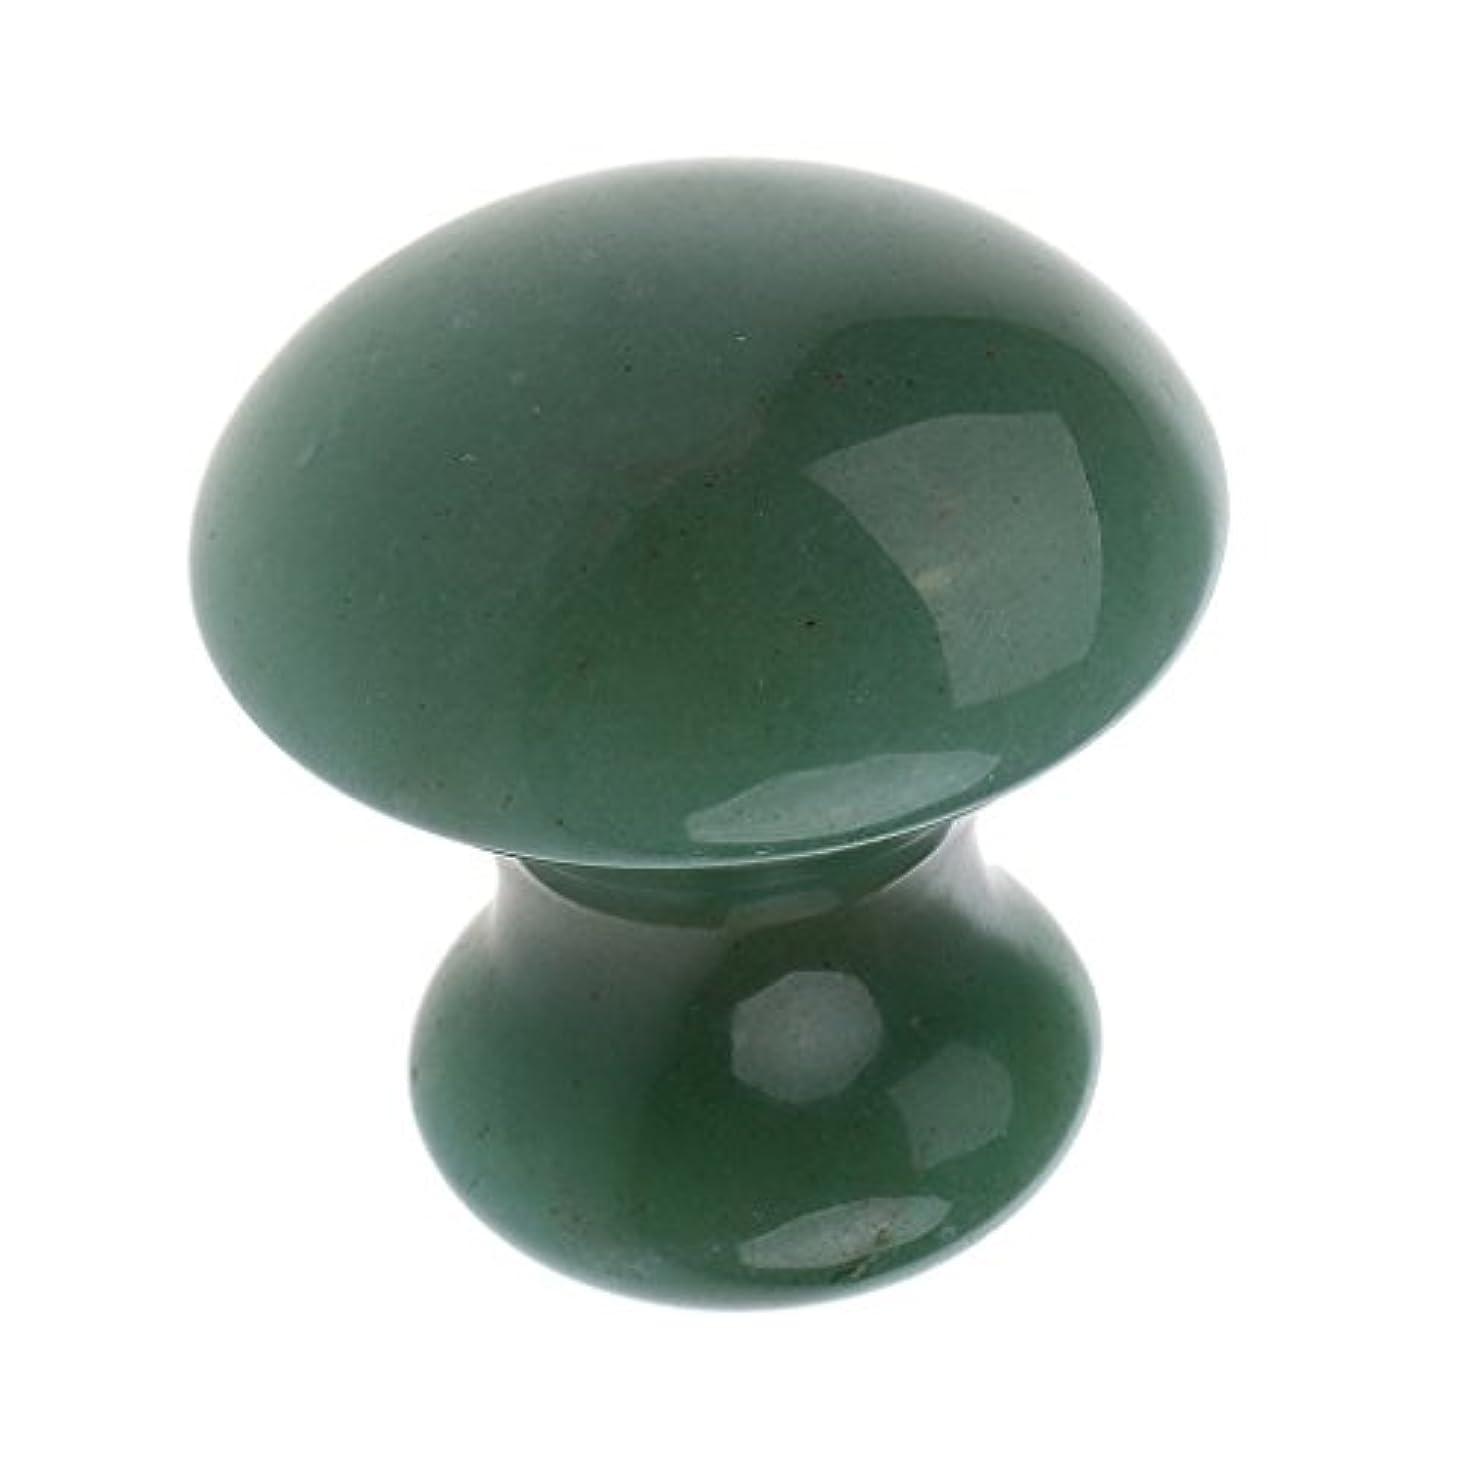 今勧告時期尚早sharprepublic Gua Shaスクレイピングマッサージツール、SPA鍼治療のトリガーポイントリラックス-キノコ形の天然石Guashaボード - 緑